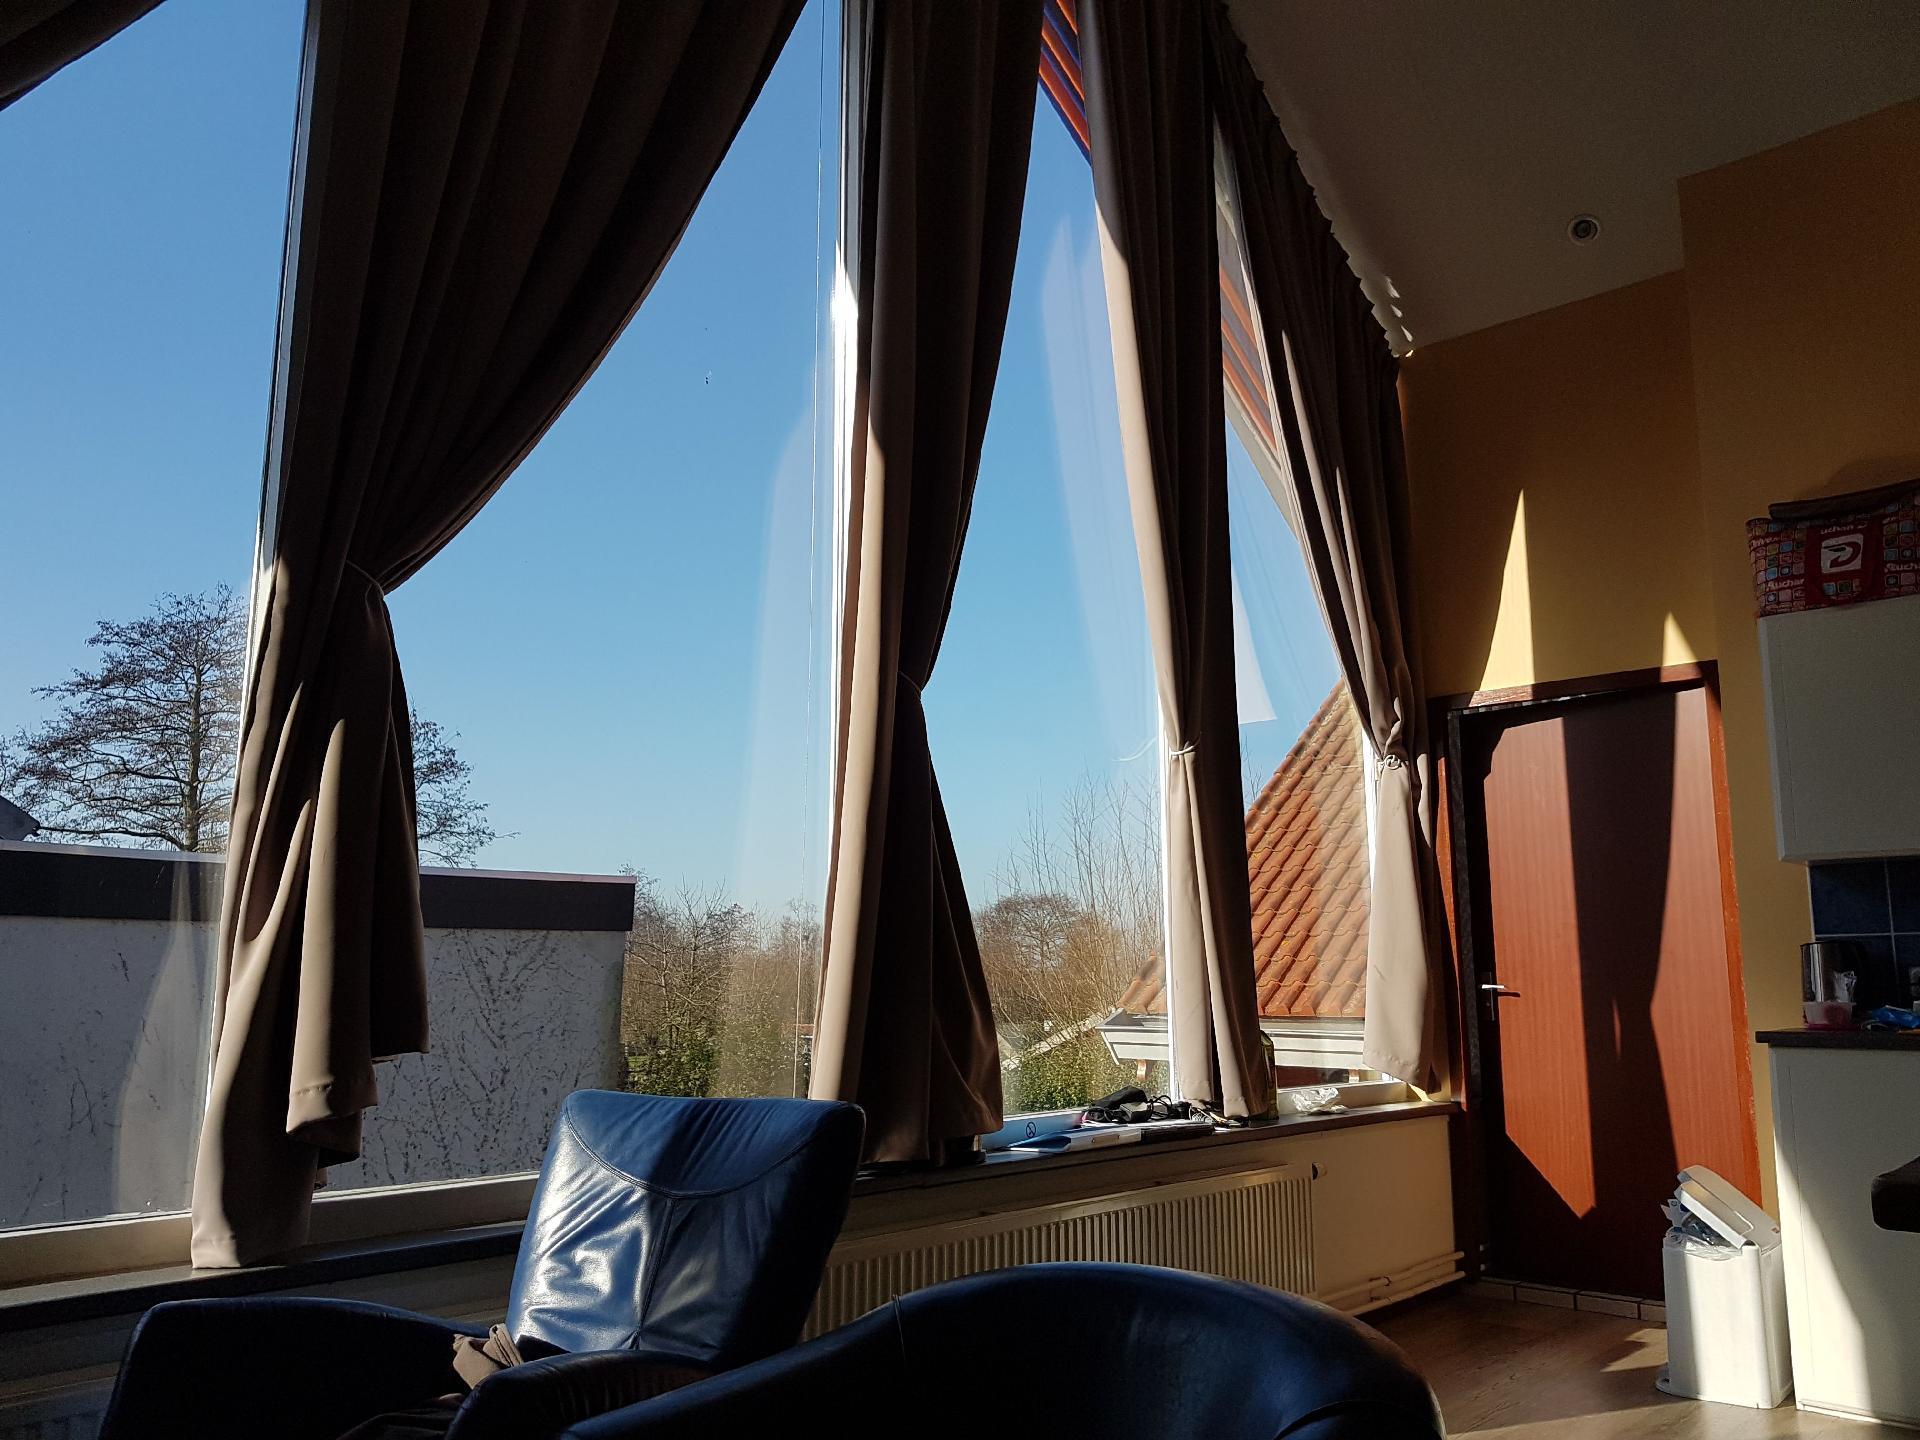 Ferienwohnung für 4 Personen ca 50 m² in Wissenkerke Zeeland Küste von Zeeland